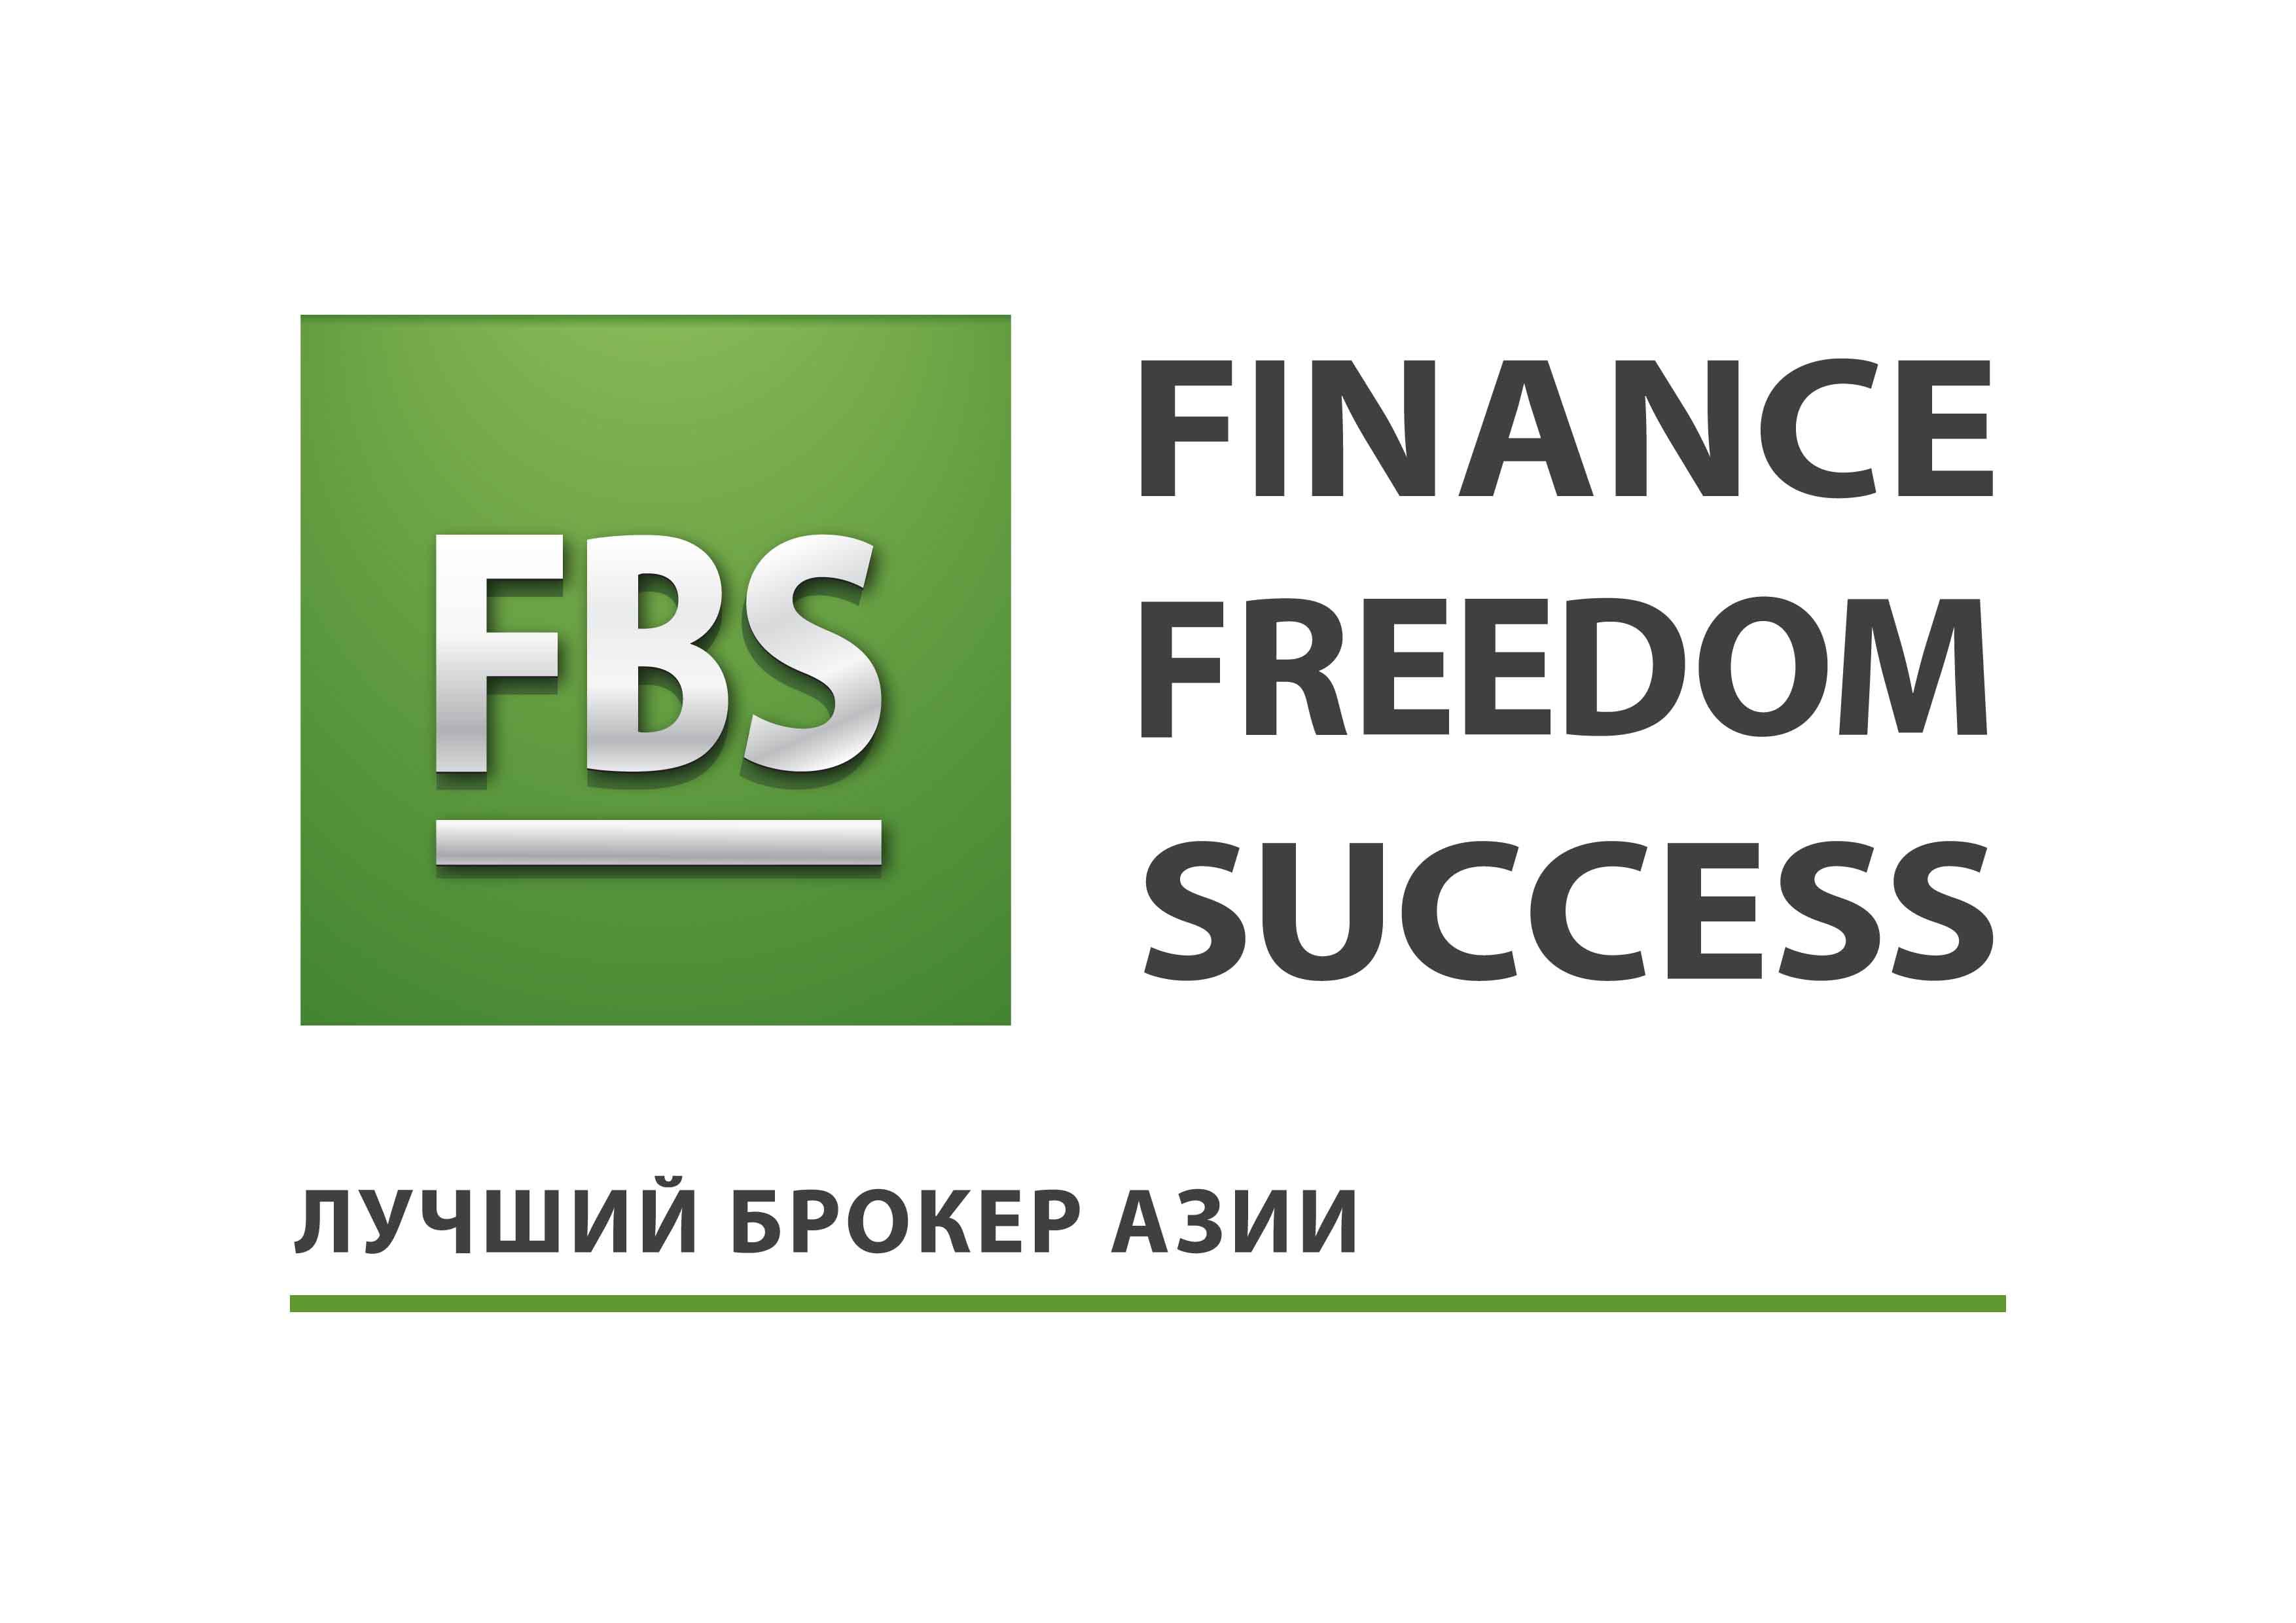 На выставке Forex Expo брокера FBS удостоили сразу нескольких наград